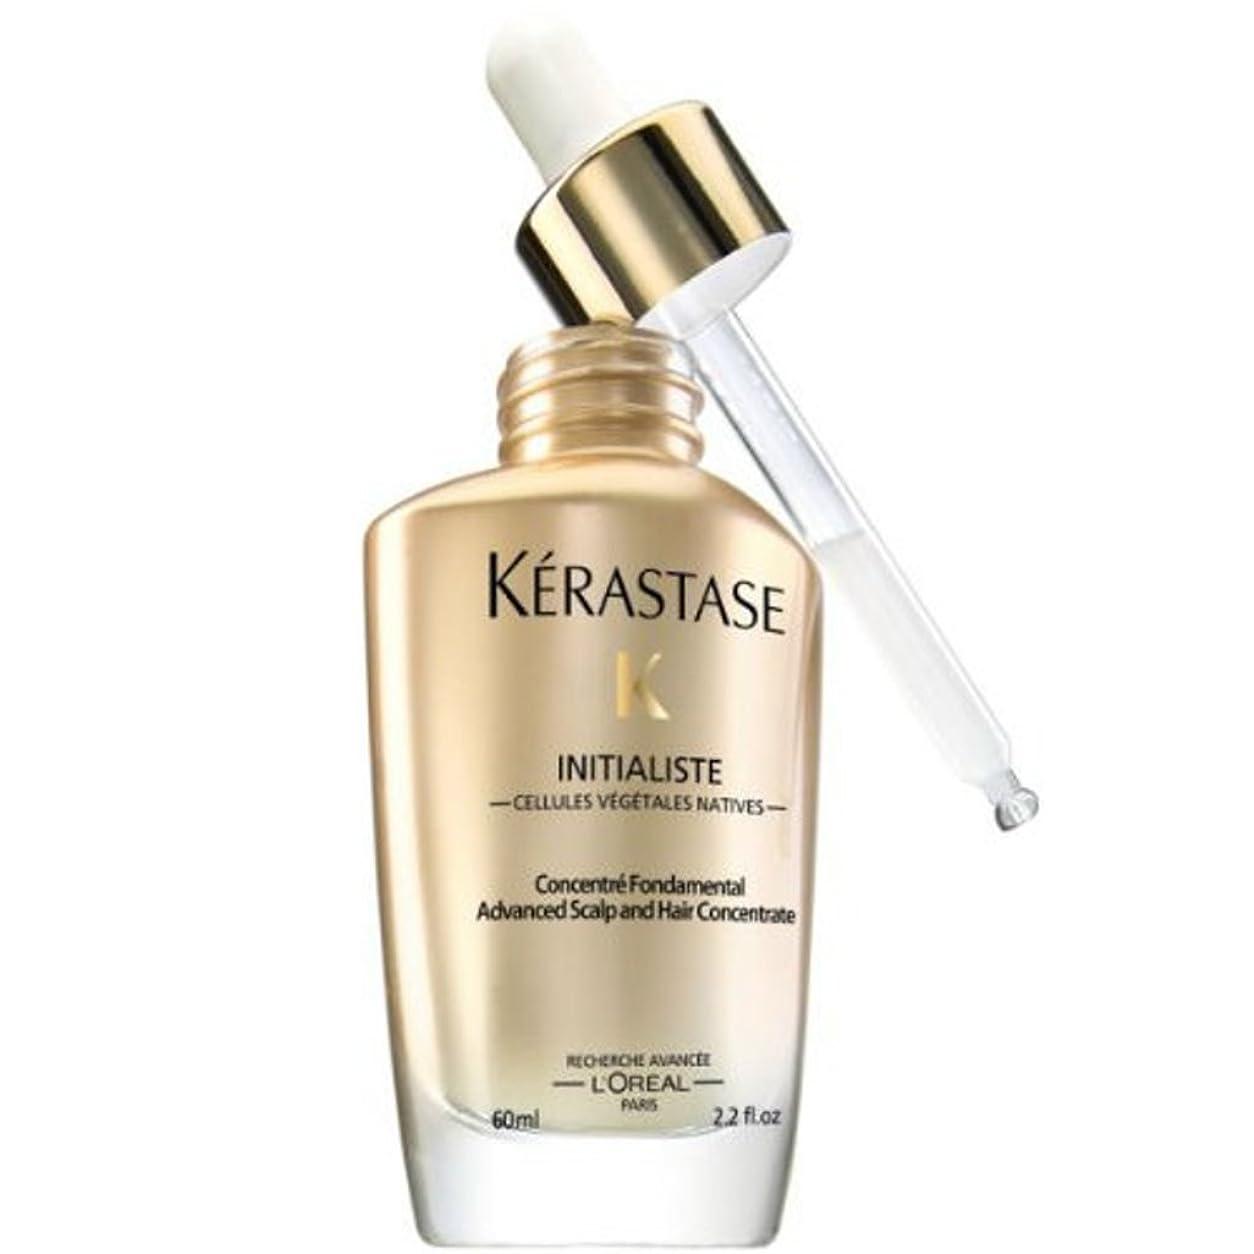 リーダーシップ完全に子犬Kerastase Initialiste Advanced Scalp and Hair Concentrate (Leave-In) - 60ml/2oz [並行輸入品]